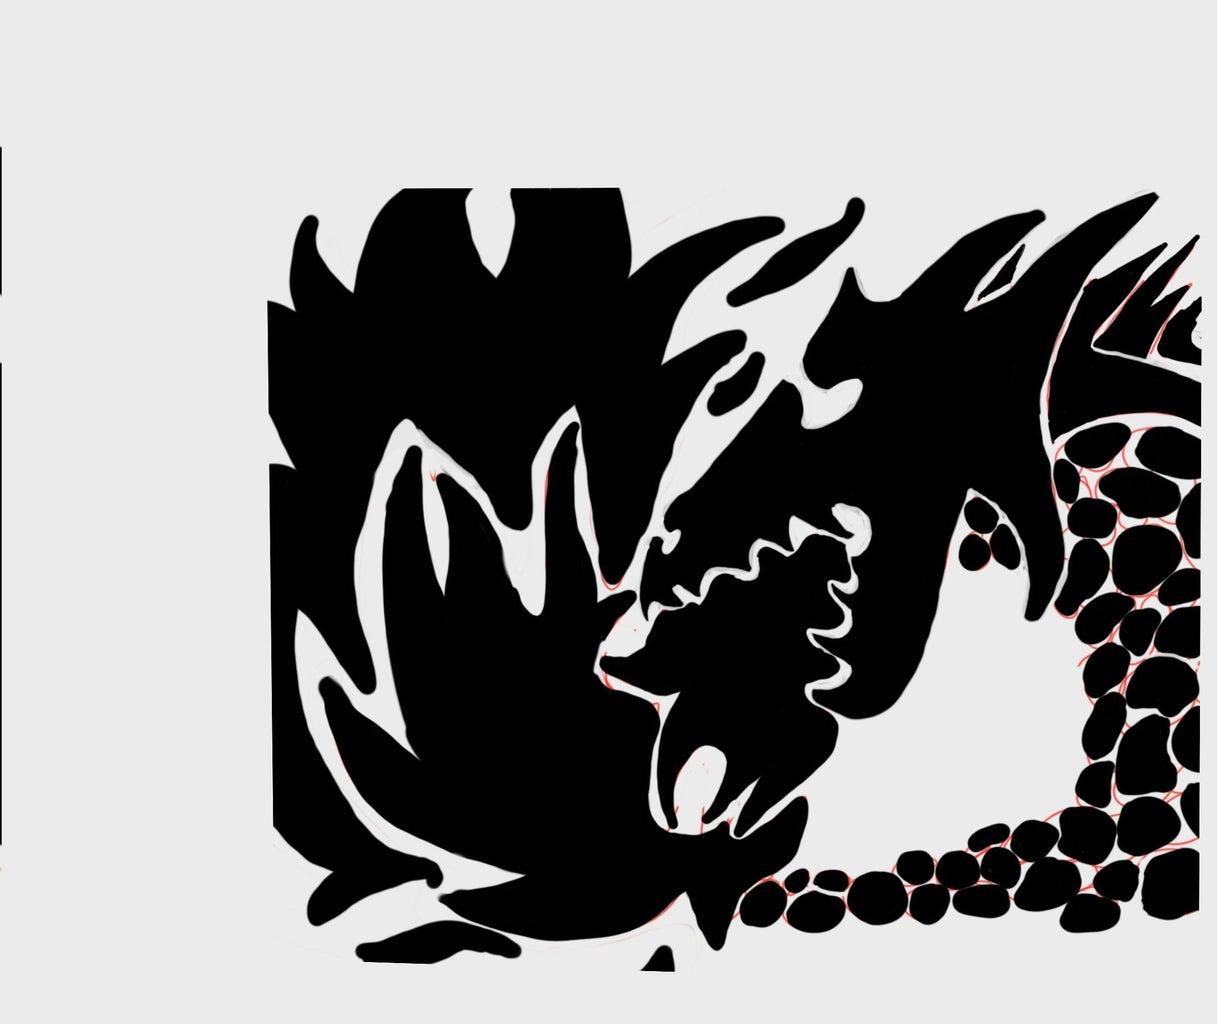 Drack-O-Lantern (Dragon Jack-O-Lantern)